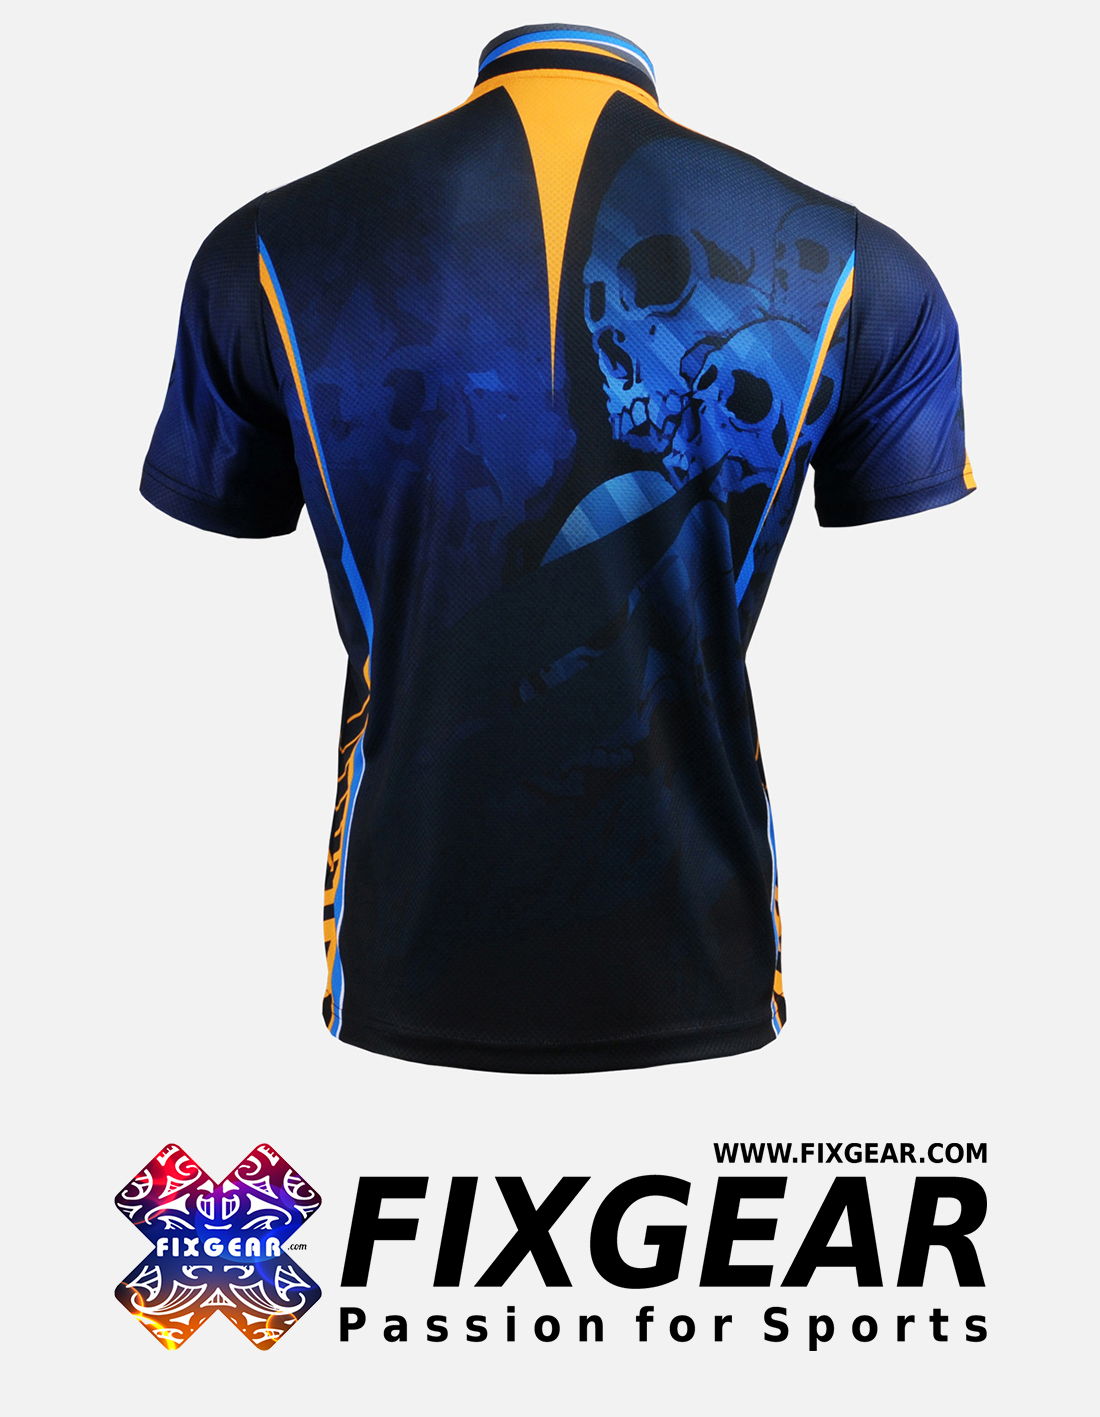 FIXGEAR BM-5302 Casual Men's short sleeve jersey 1/4 zip-up T-Shirt